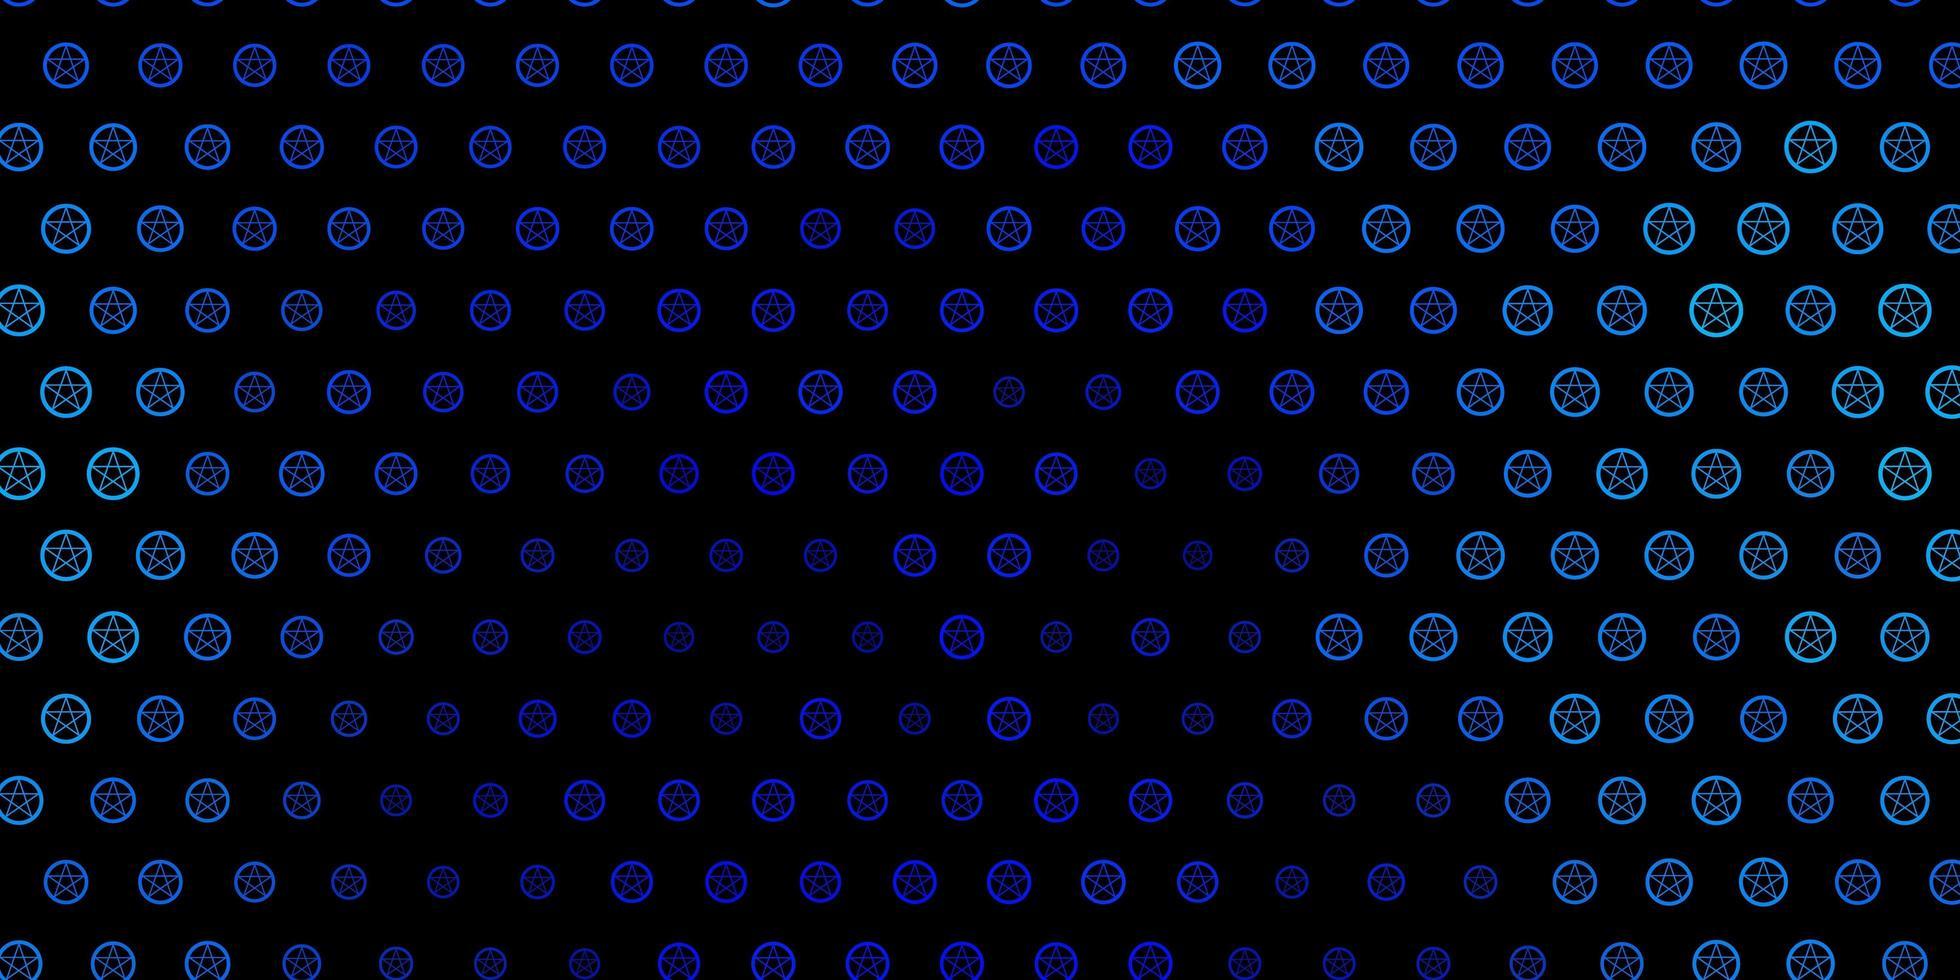 plantilla de vector azul oscuro con signos esotéricos.